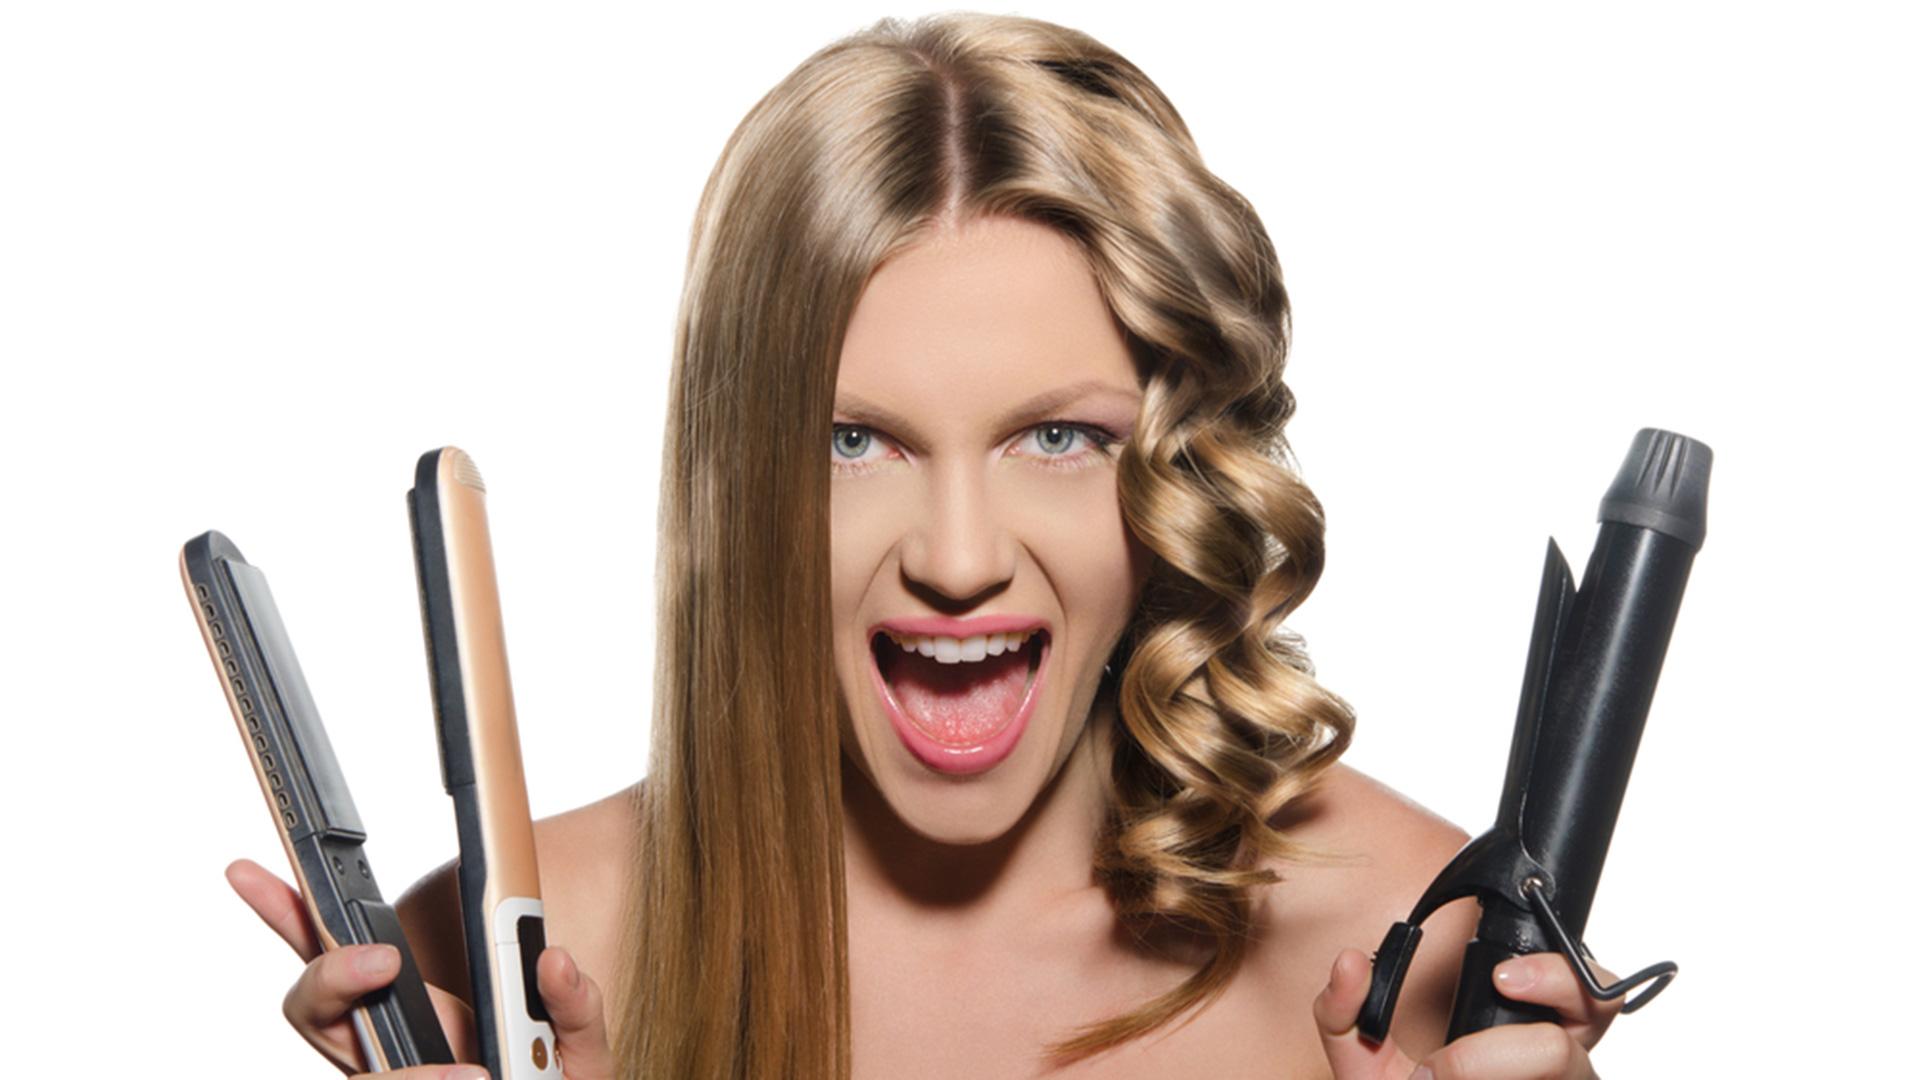 Какие инструменты применяются для завивки и укладки волос